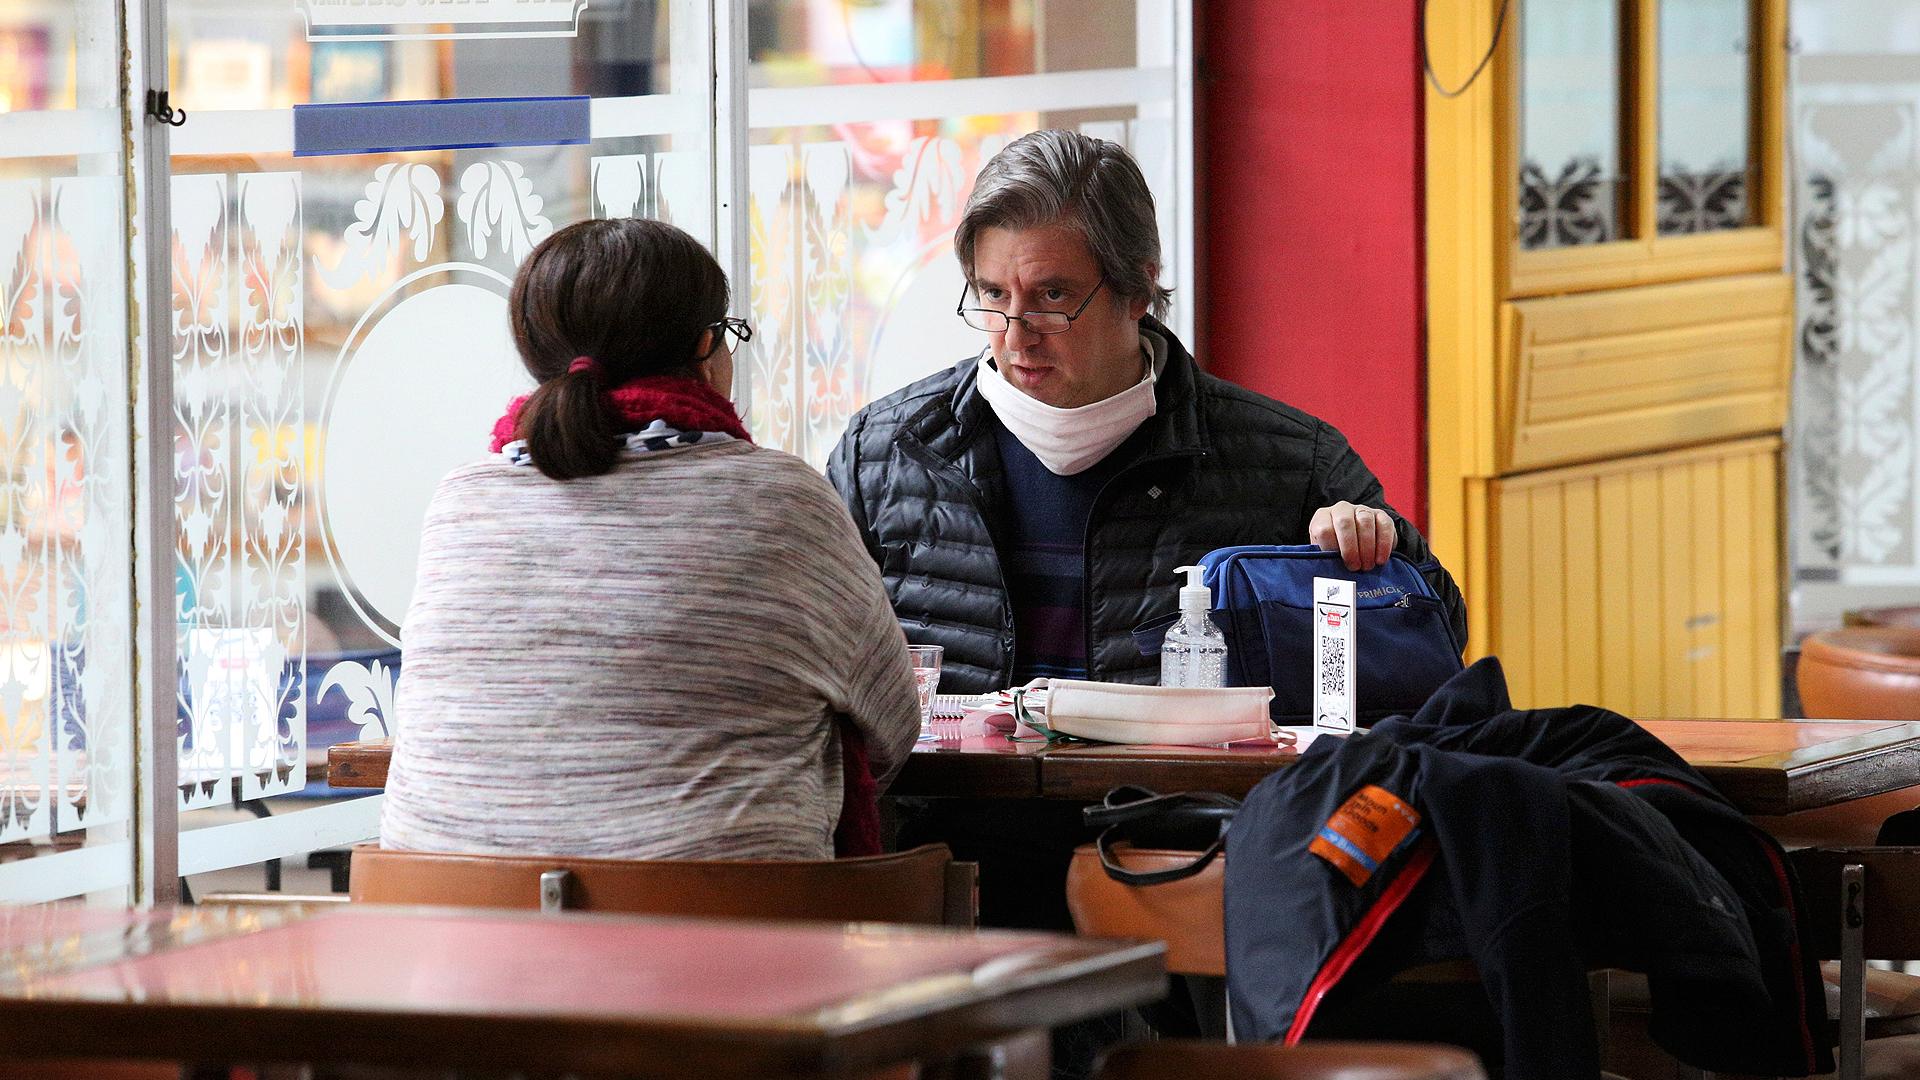 Los protocolos que deben aplicarse por la pandemia del COVID-19 hacen que muchas mesas queden desocupadas, para mantener el distanciamiento social entre los comensales